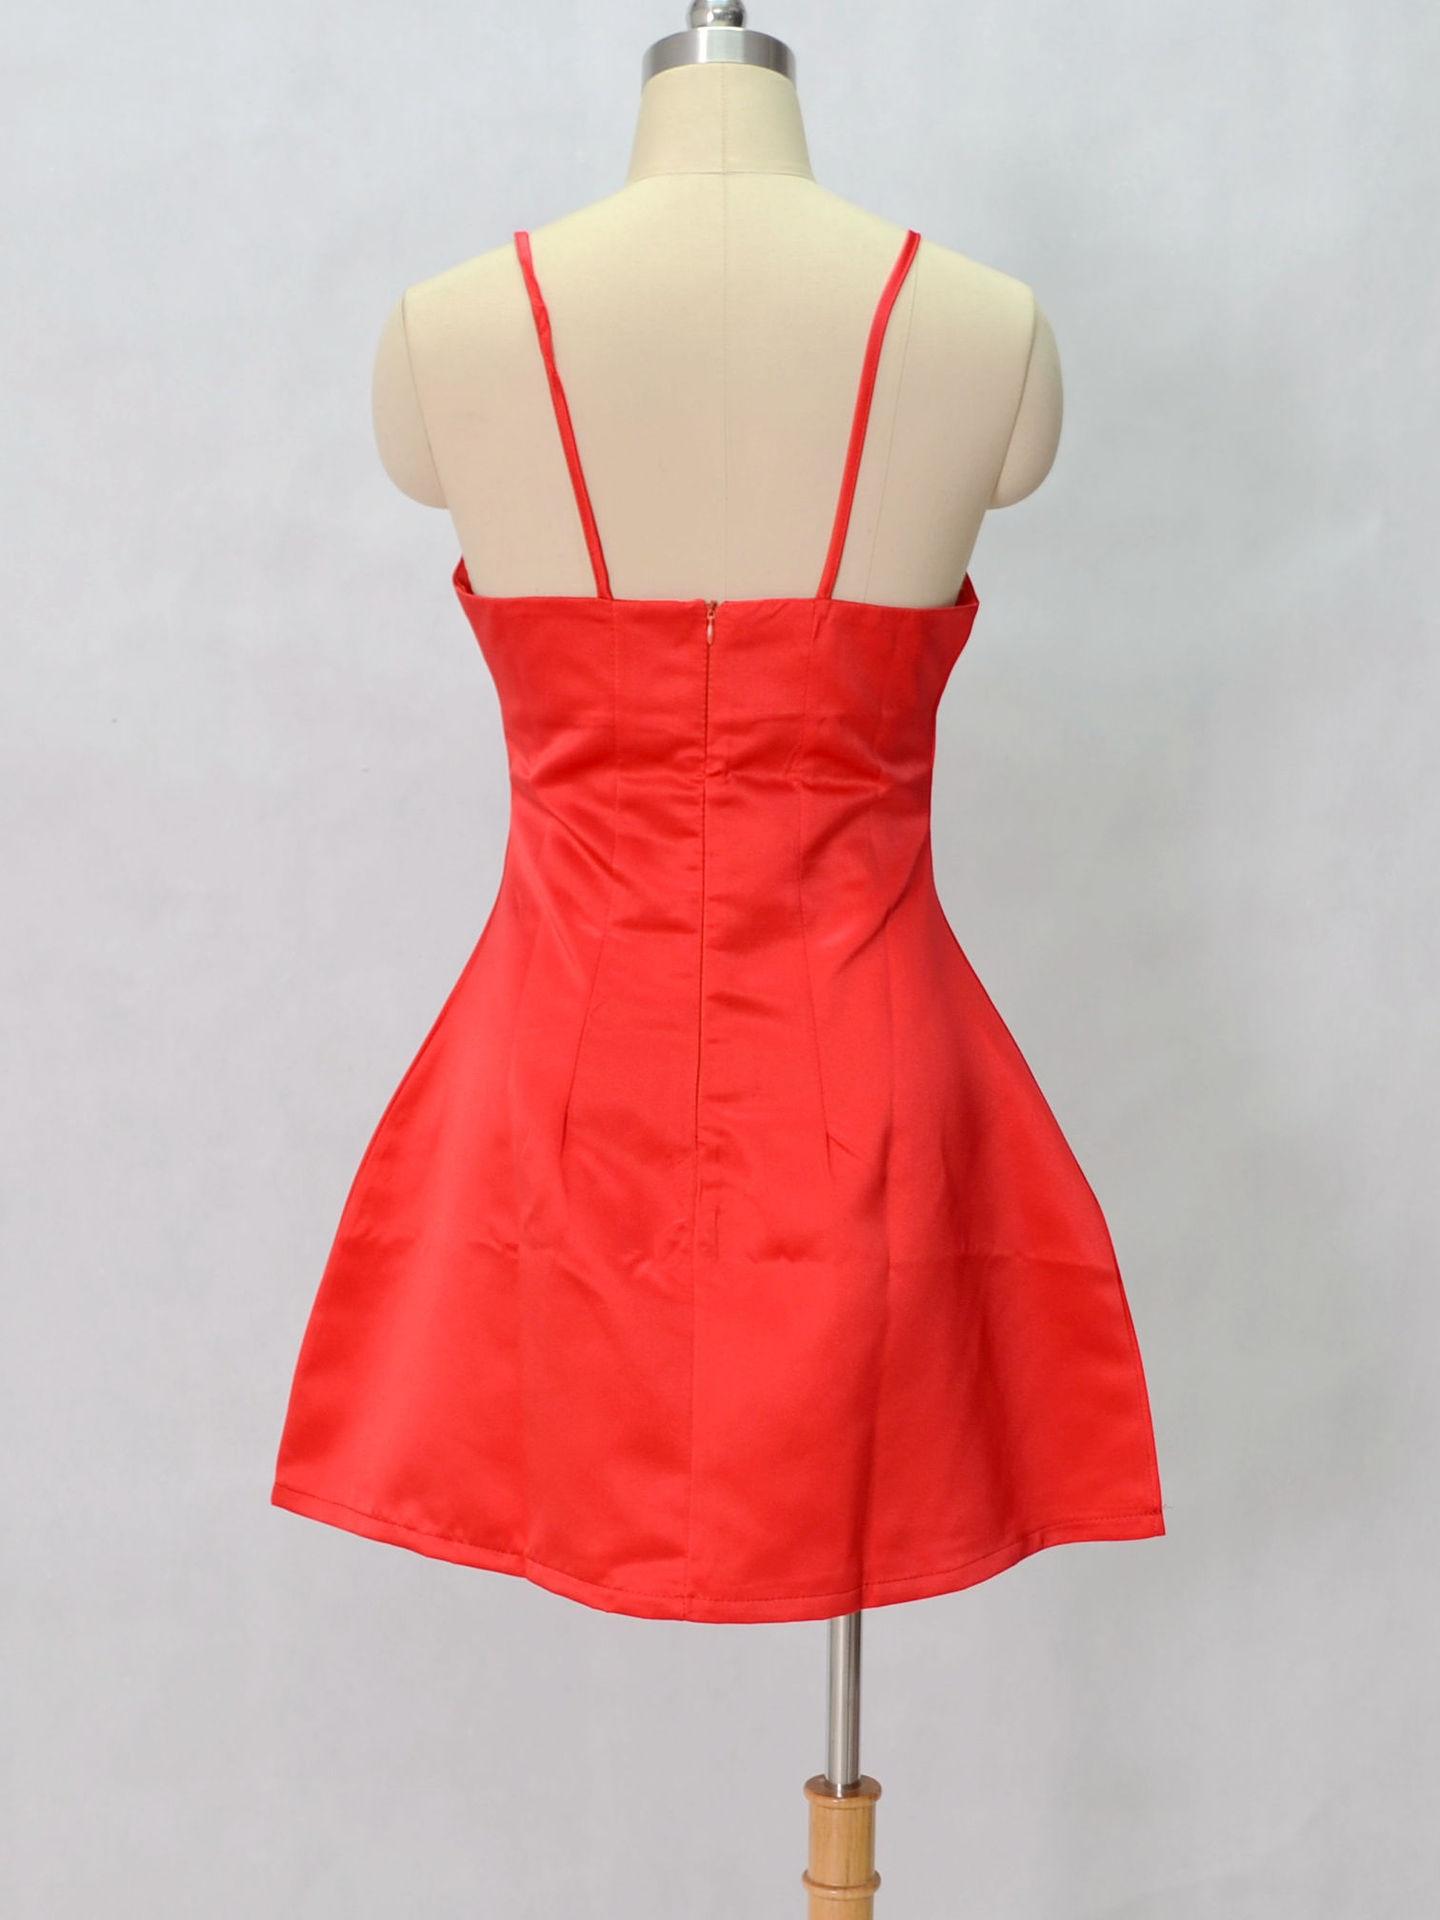 HTB1q9RlPpXXXXX7apXXq6xXFXXXM - FREE SHIPPING Red Dress Palace Retro V JKP187